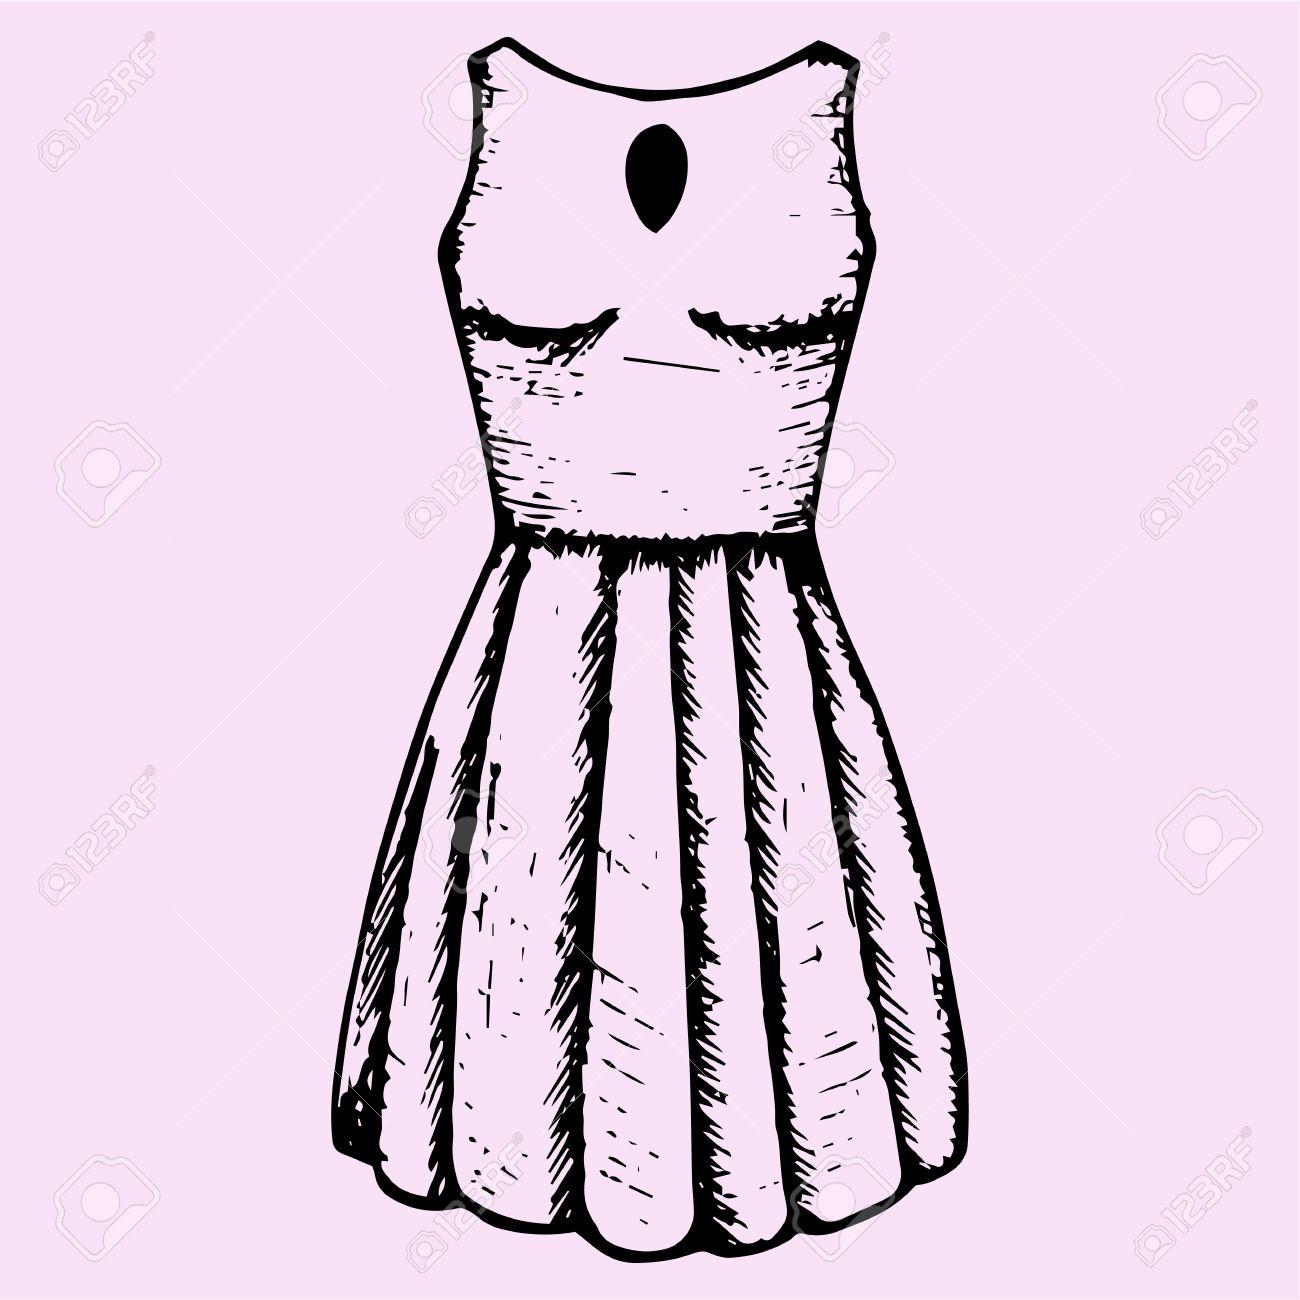 Vestido De Las Mujeres, Vestido De La Hembra Del Verano, El Estilo ...